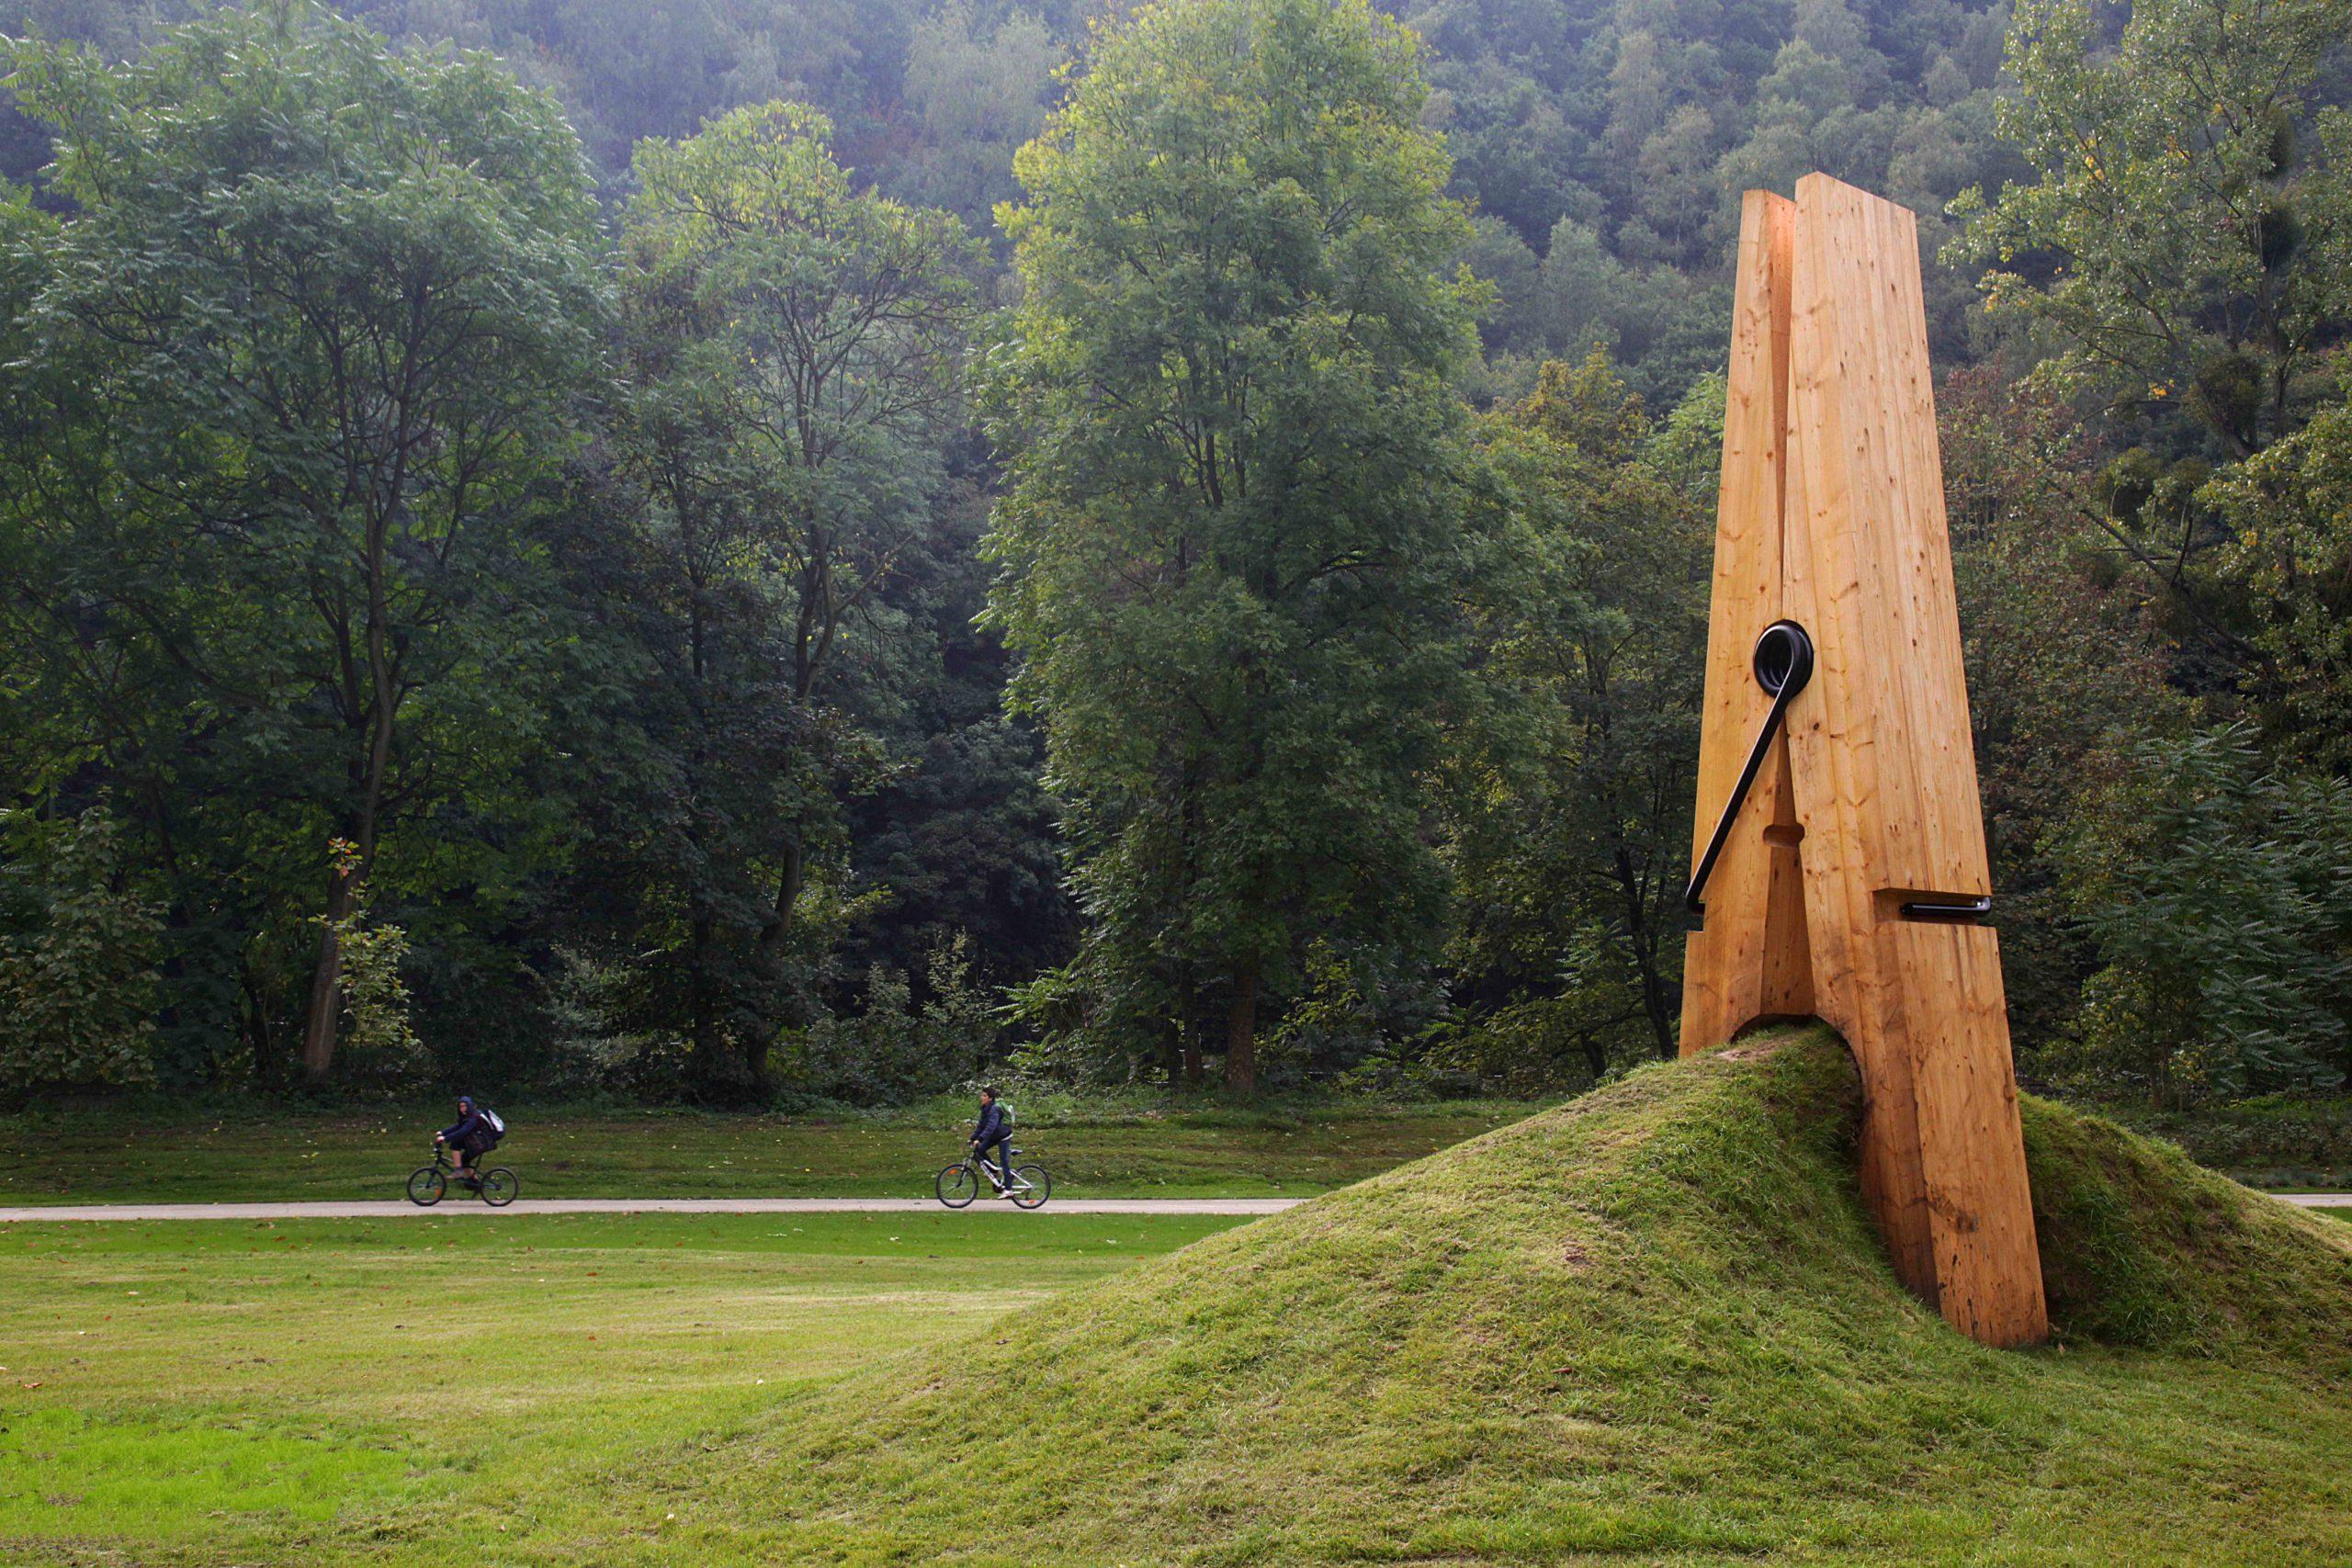 Triển lãm nghệ thuật đương đại ở Công viên Chaudfontaine (Bỉ)